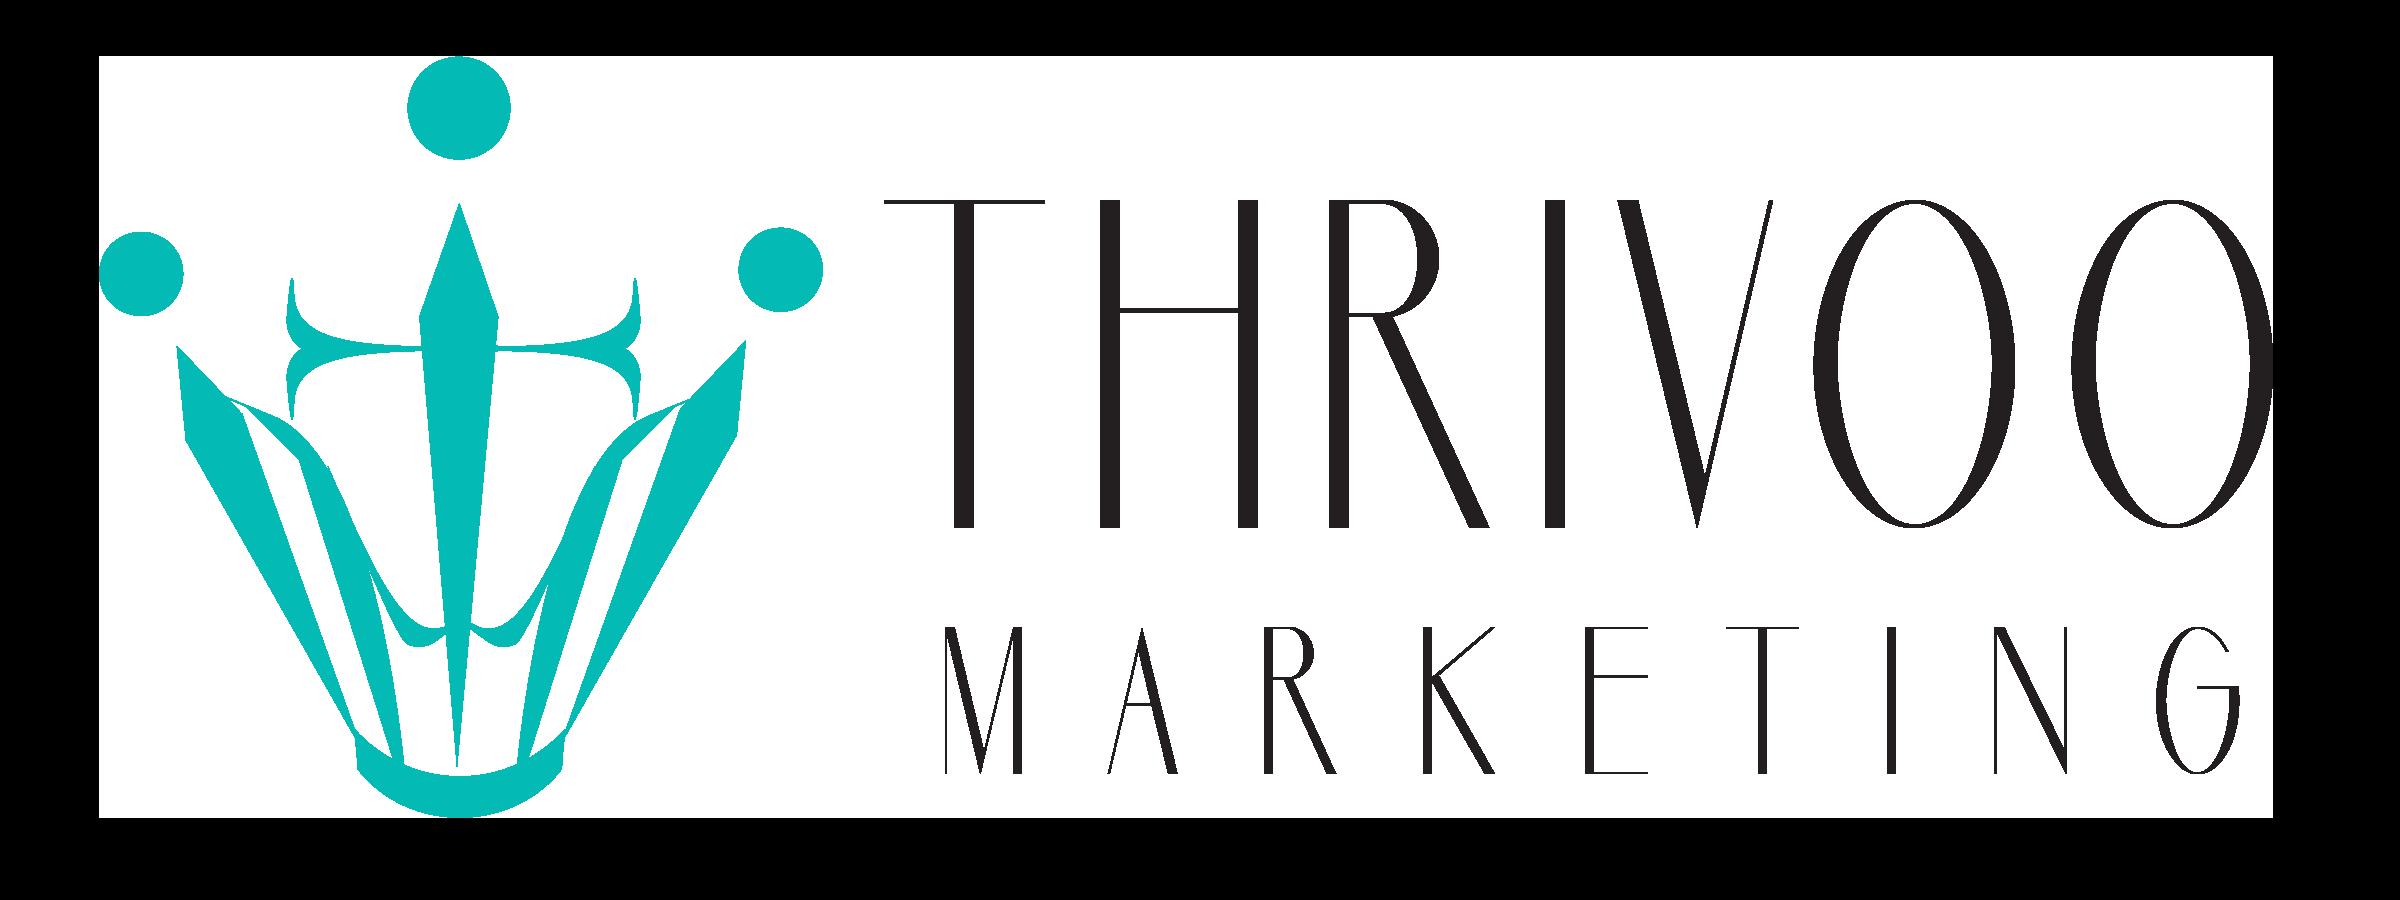 thrivoo_logo_plus-words.png